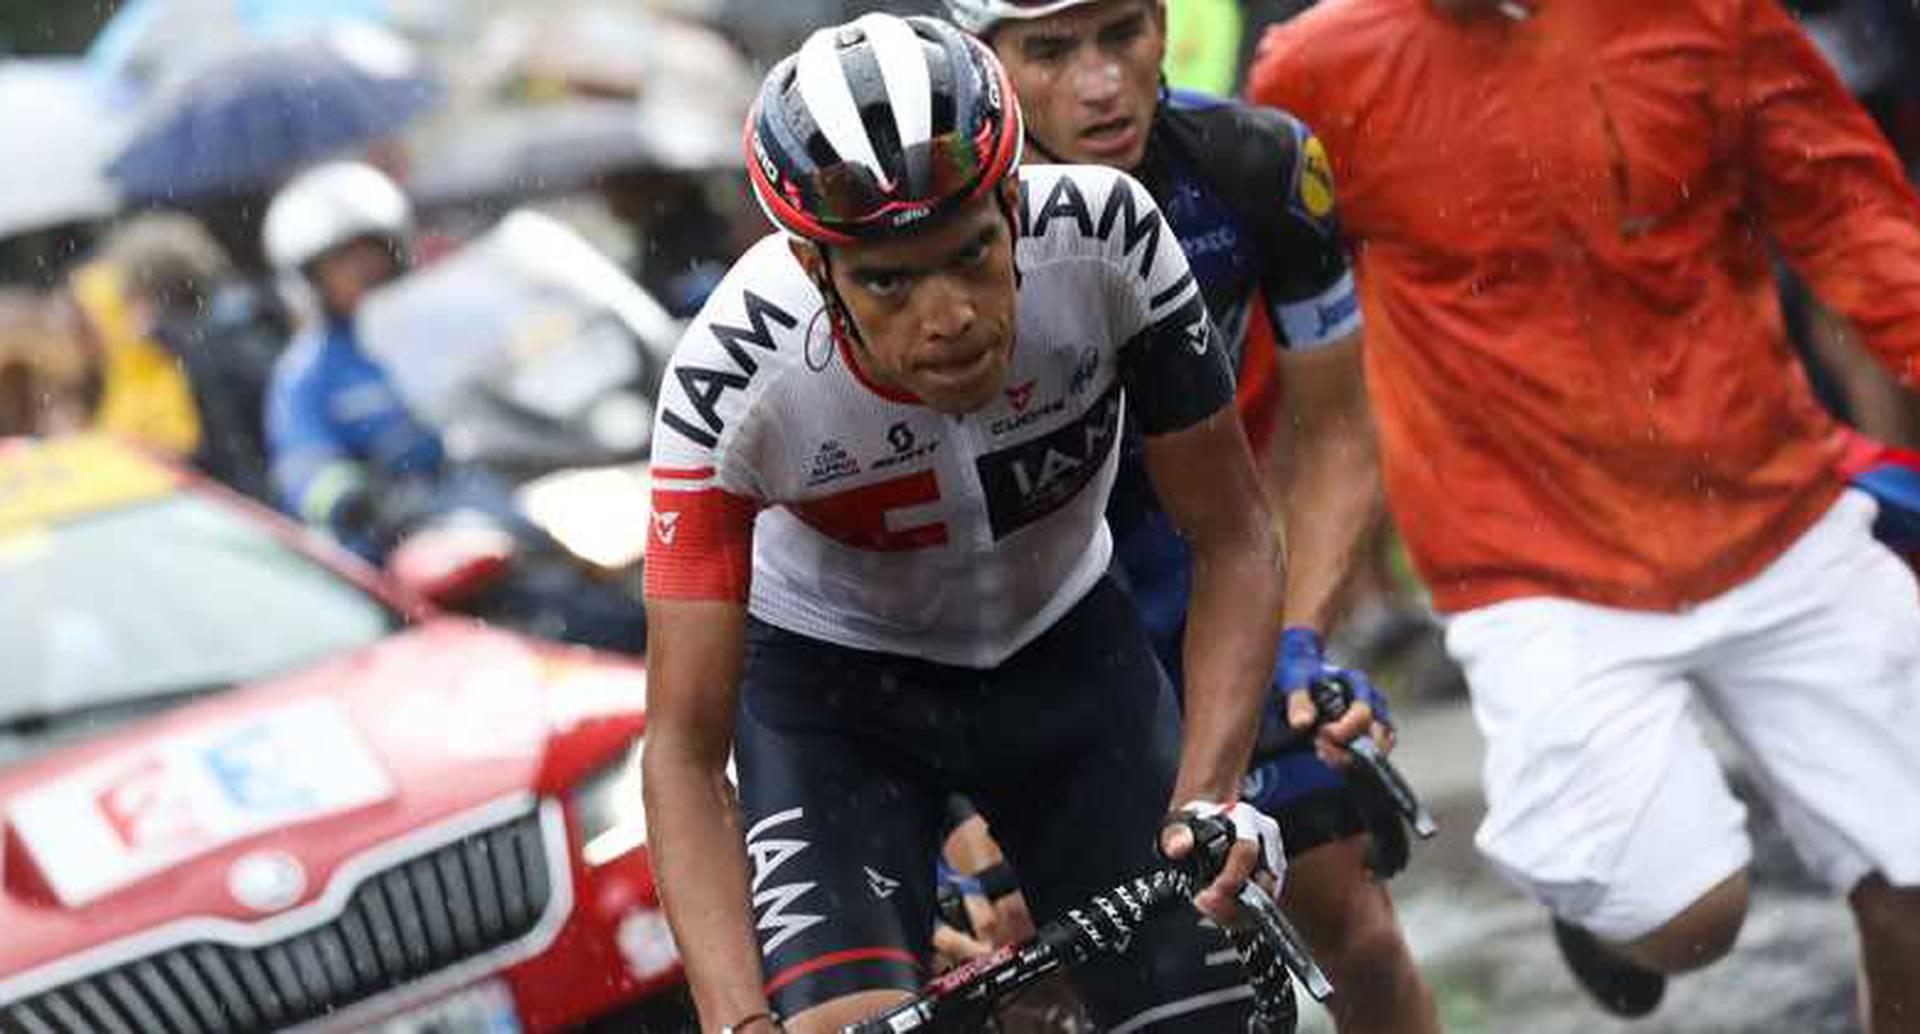 Ciclista colombiano Jarlinson Pantano da positivo por EPO y es suspendido.